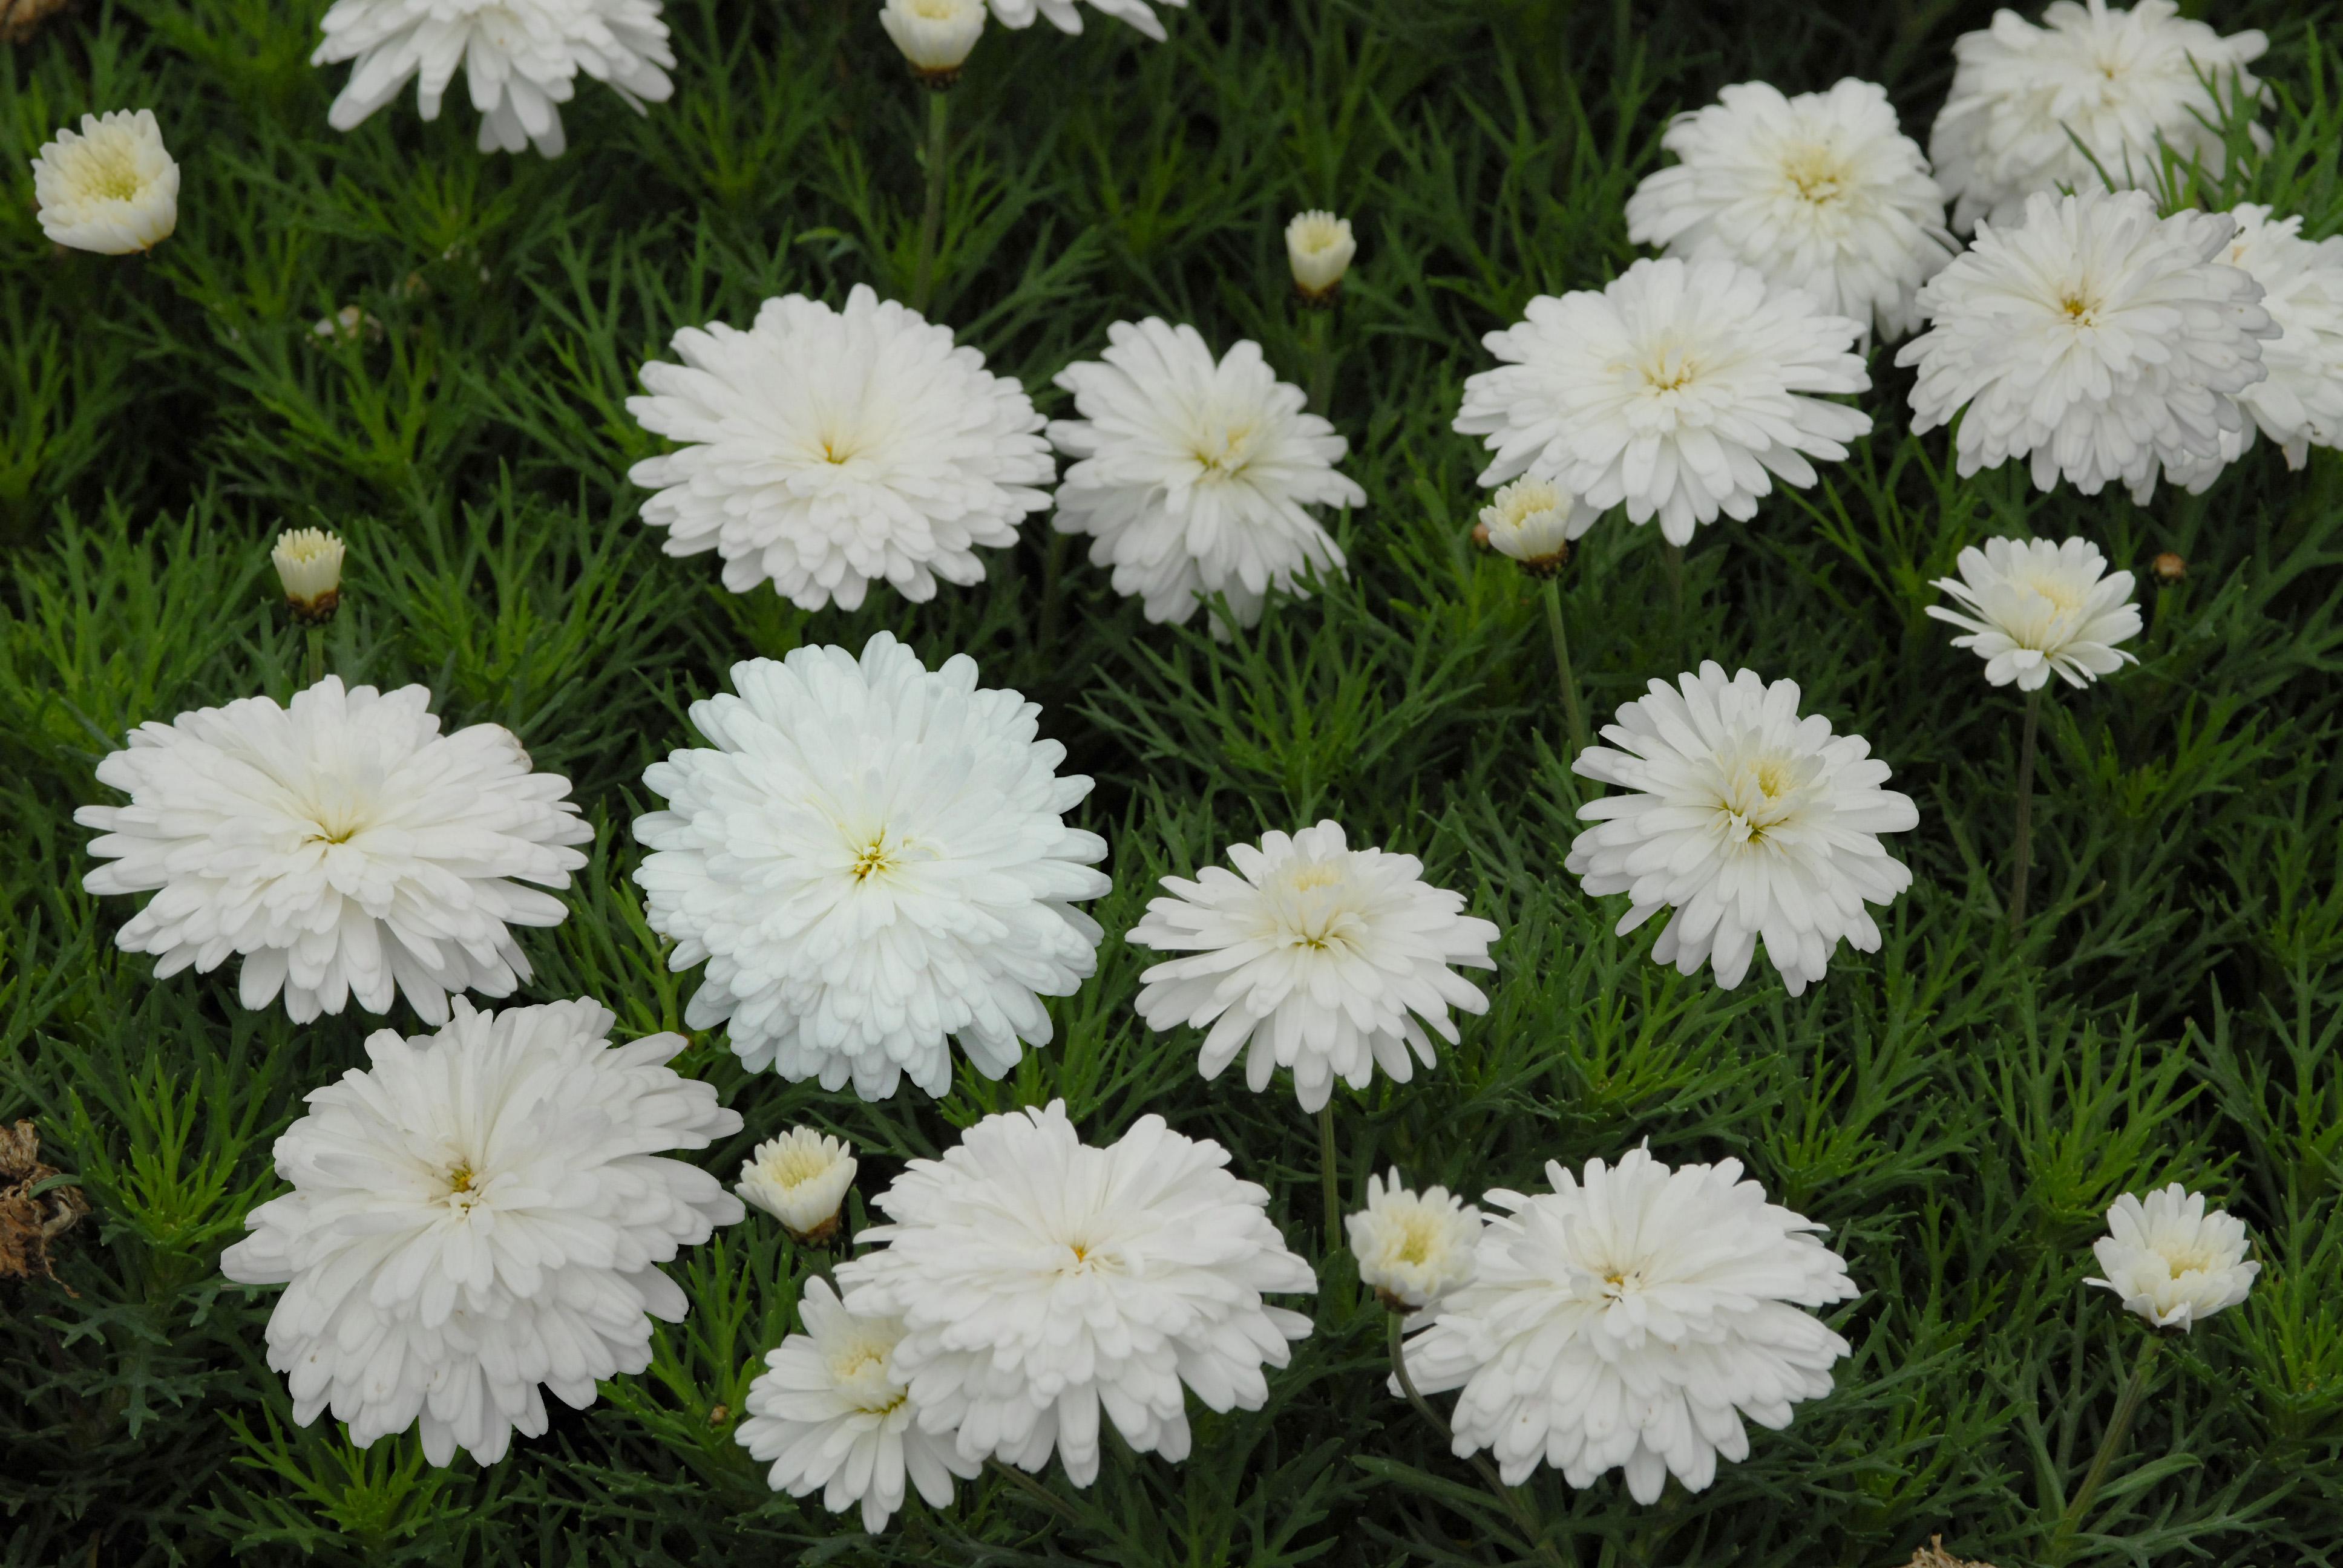 Federation daisy purity living fashion federation daisy purity izmirmasajfo